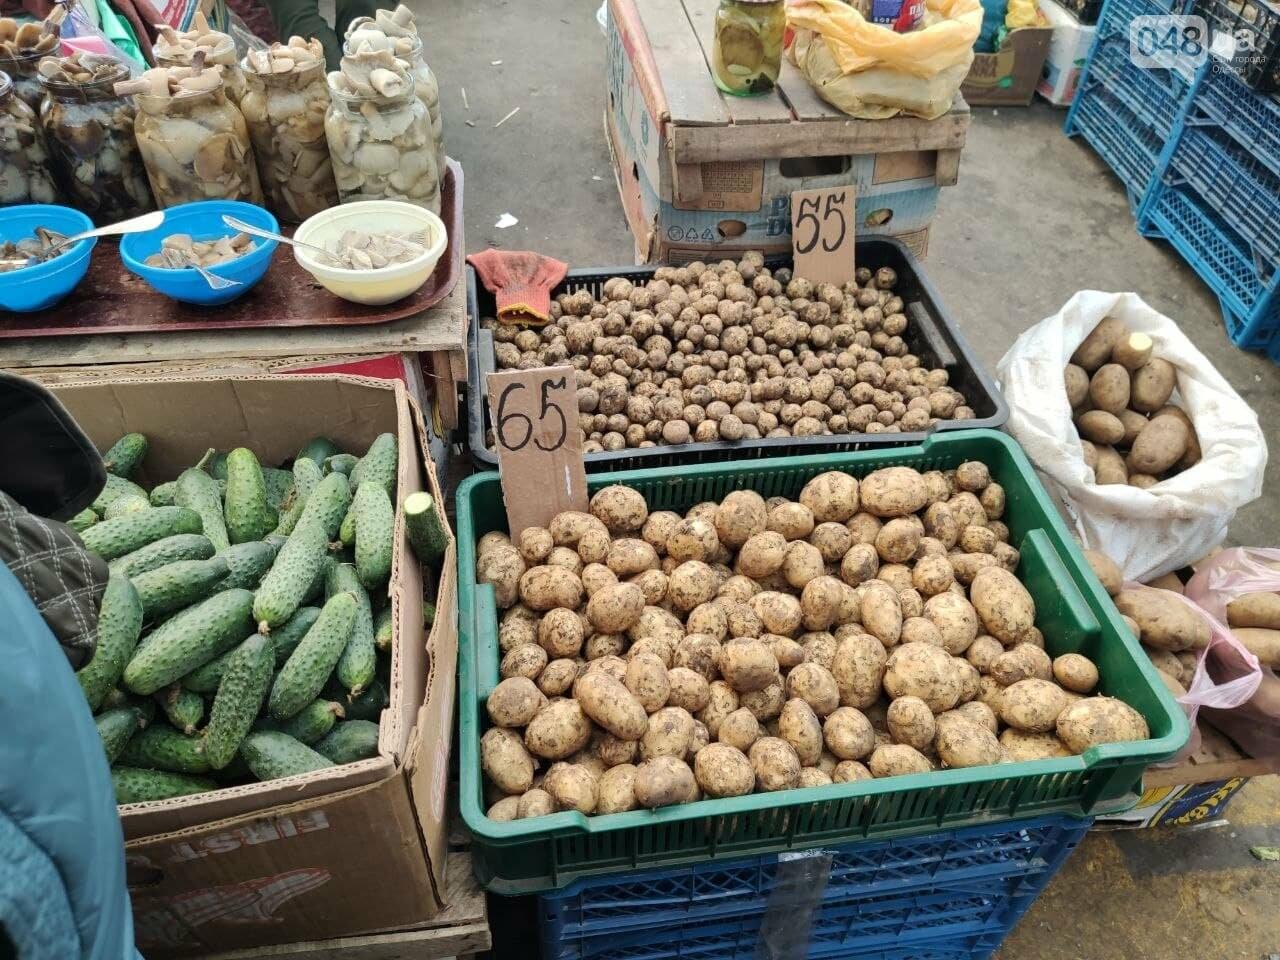 Молодой картофель, клубника, кабачки: почем на одесском Привозе овощи и фрукты, - ФОТО, фото-1